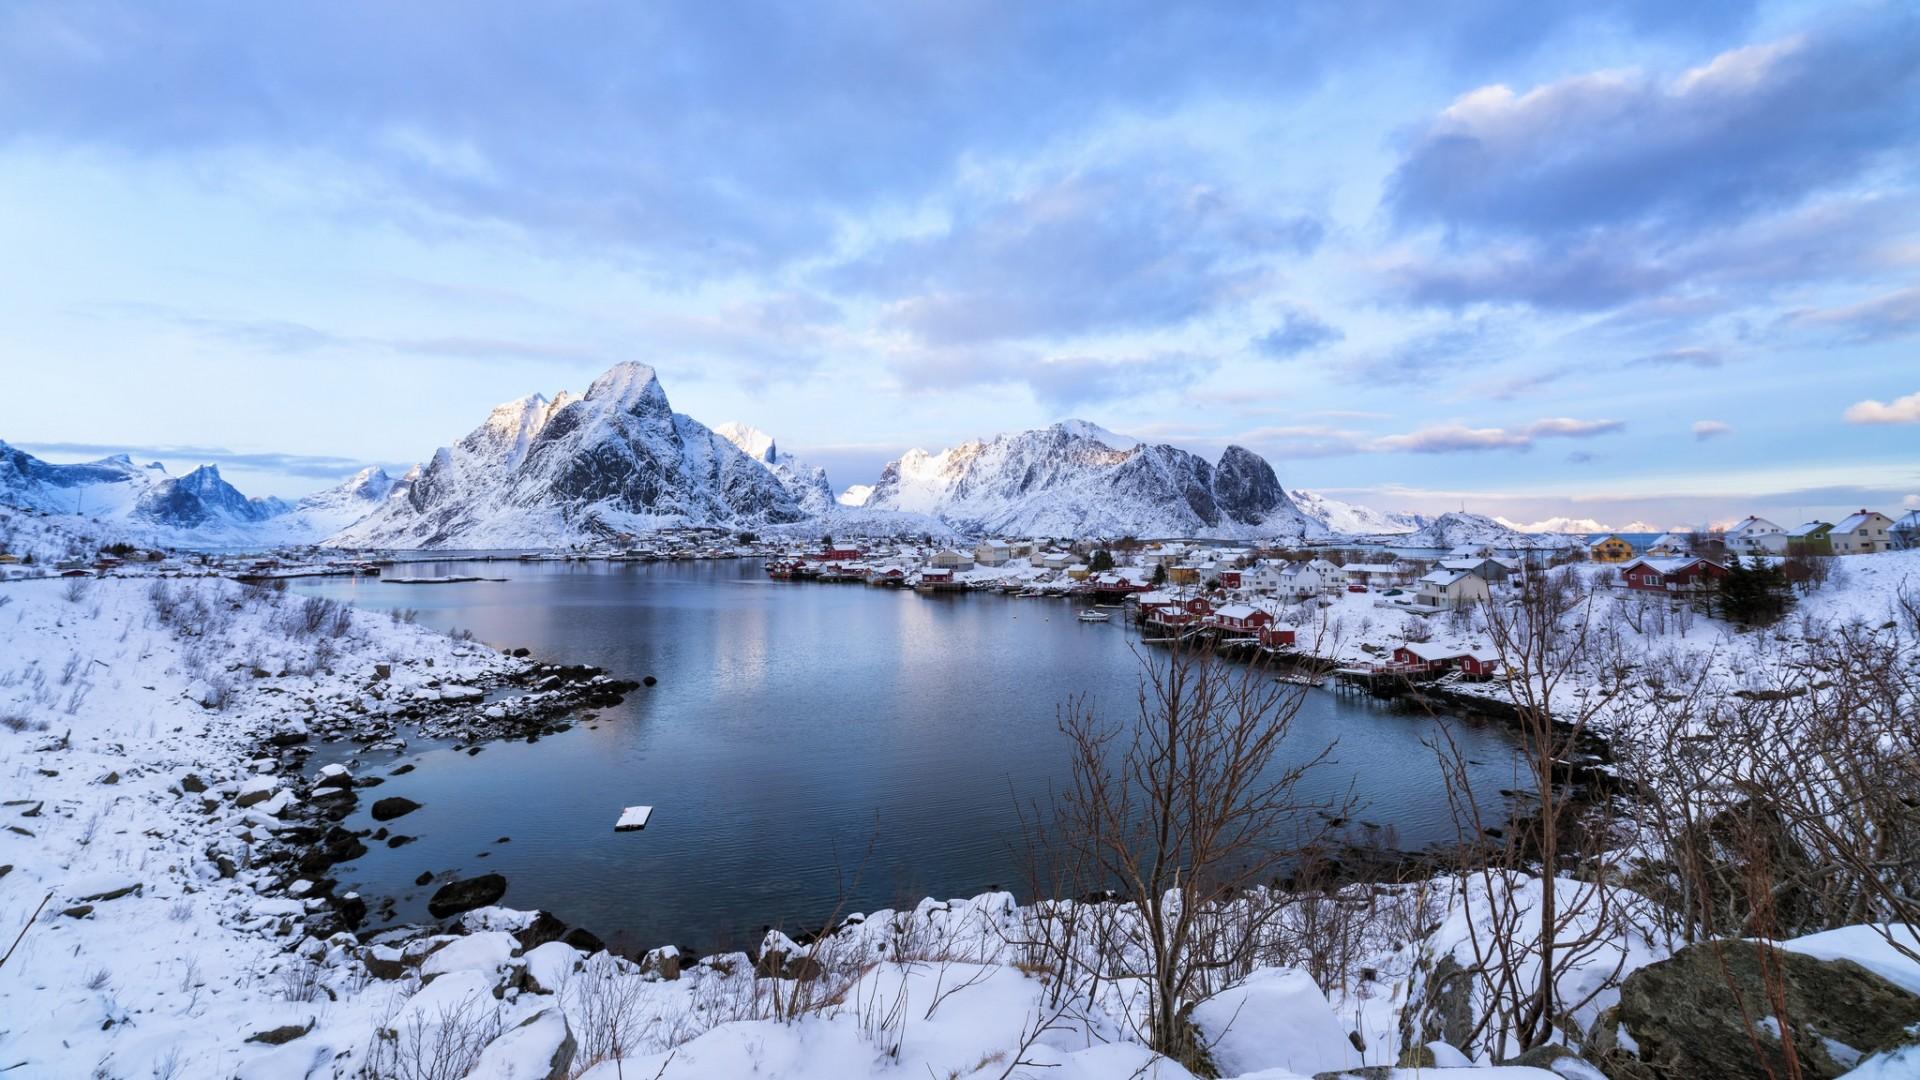 Wallpaper lofoten, norway, mountains, lake, winter